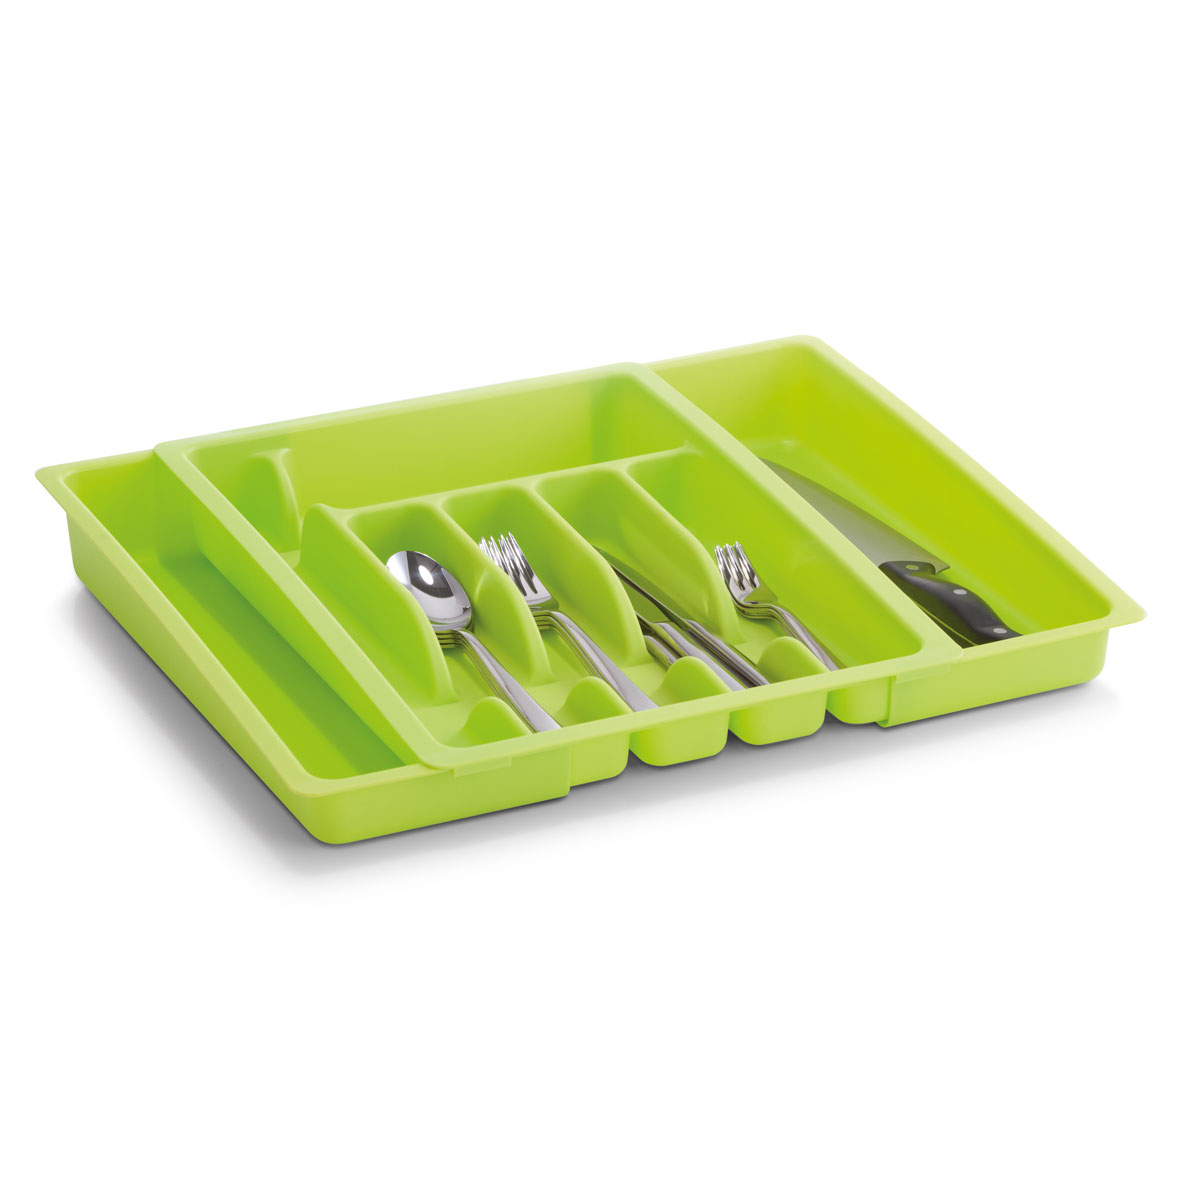 Подставка для столовых приборов Zeller, раздвижная, цвет: зеленый, 28-48 х 38 х 6,5 смАС19333000Подставка для столовых приборов Zeller изготовлена из высококачественного прочного пластика. Изделие имеет 4 средних секции для хранения ложек, вилок и ножей, маленькую широкую и длинную узкую секции - для различных кухонных принадлежностей. Подставка регулируется по длине, что позволяет установить ее в любые кухонные ящики, при этом появляется дополнительная секция для хранения.